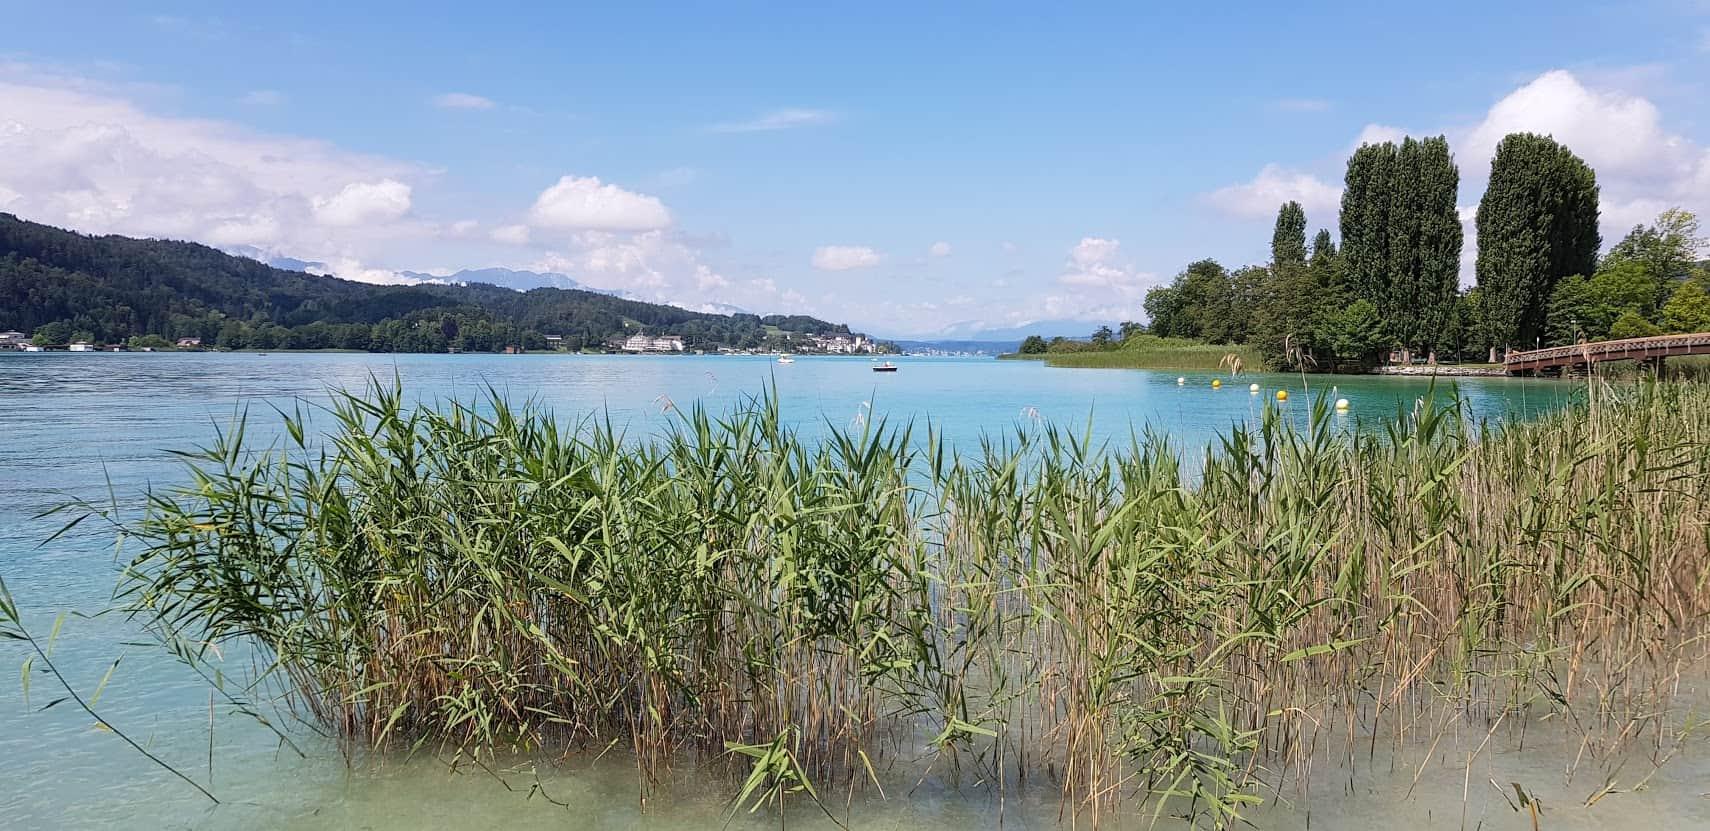 Ausflugstipp Pörtschach am Wörthersee im Sommer - Landspitz